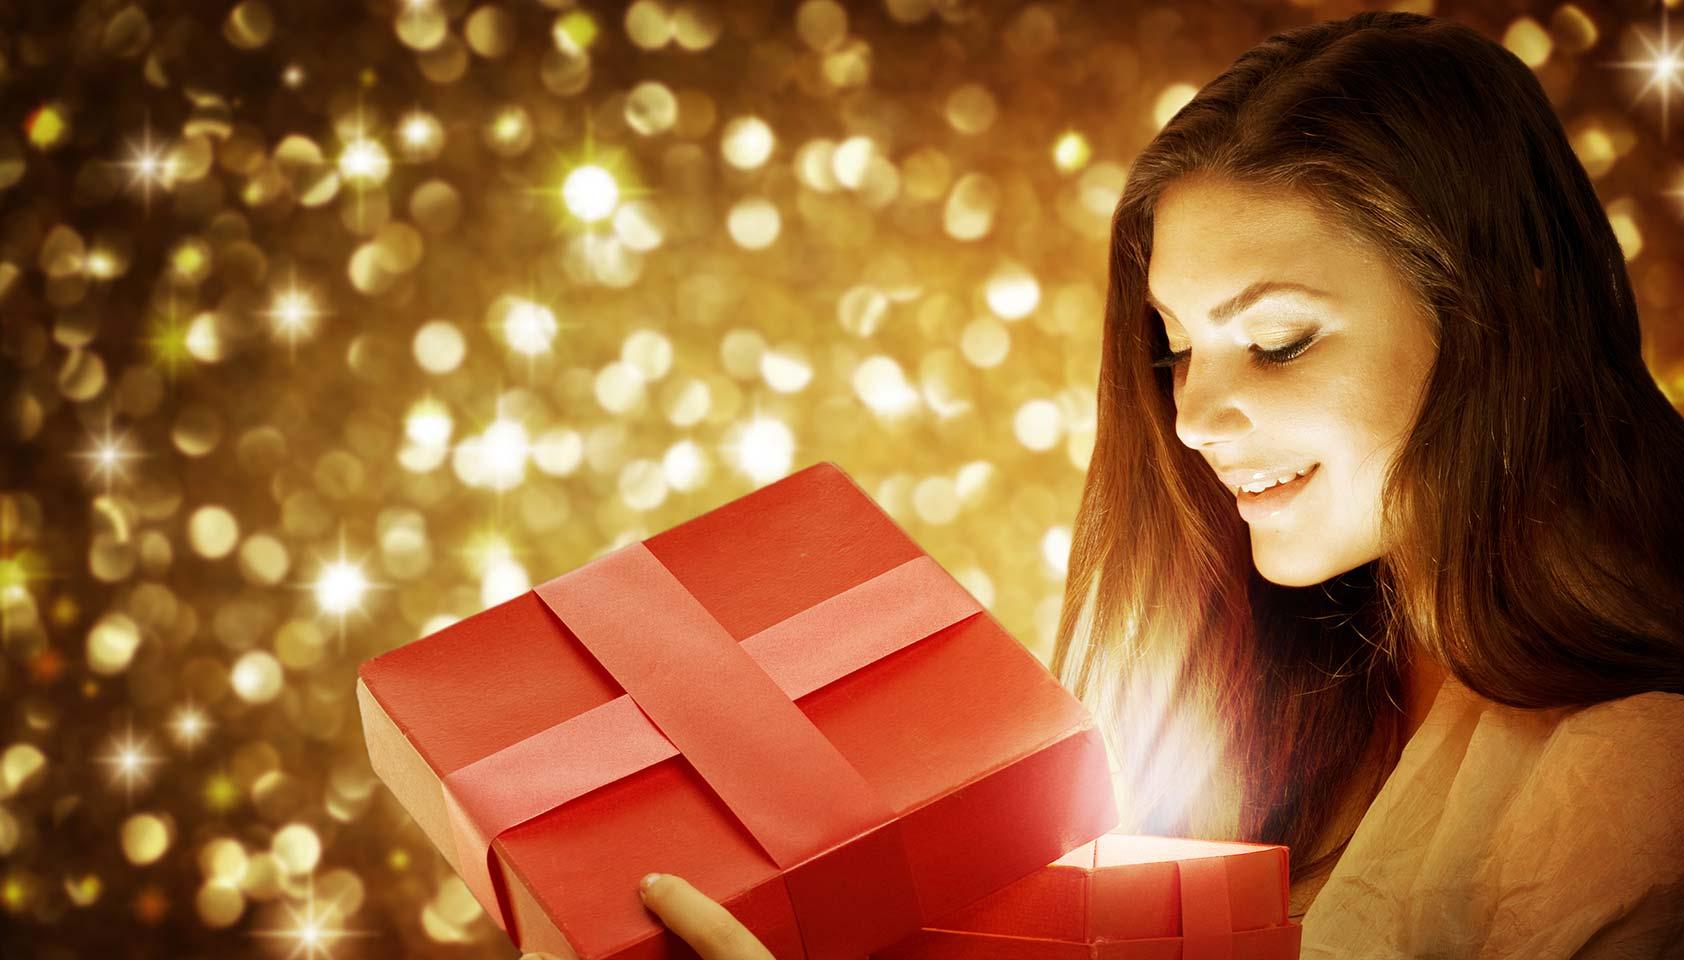 Как просить подарок у мужчины - Rakov 46